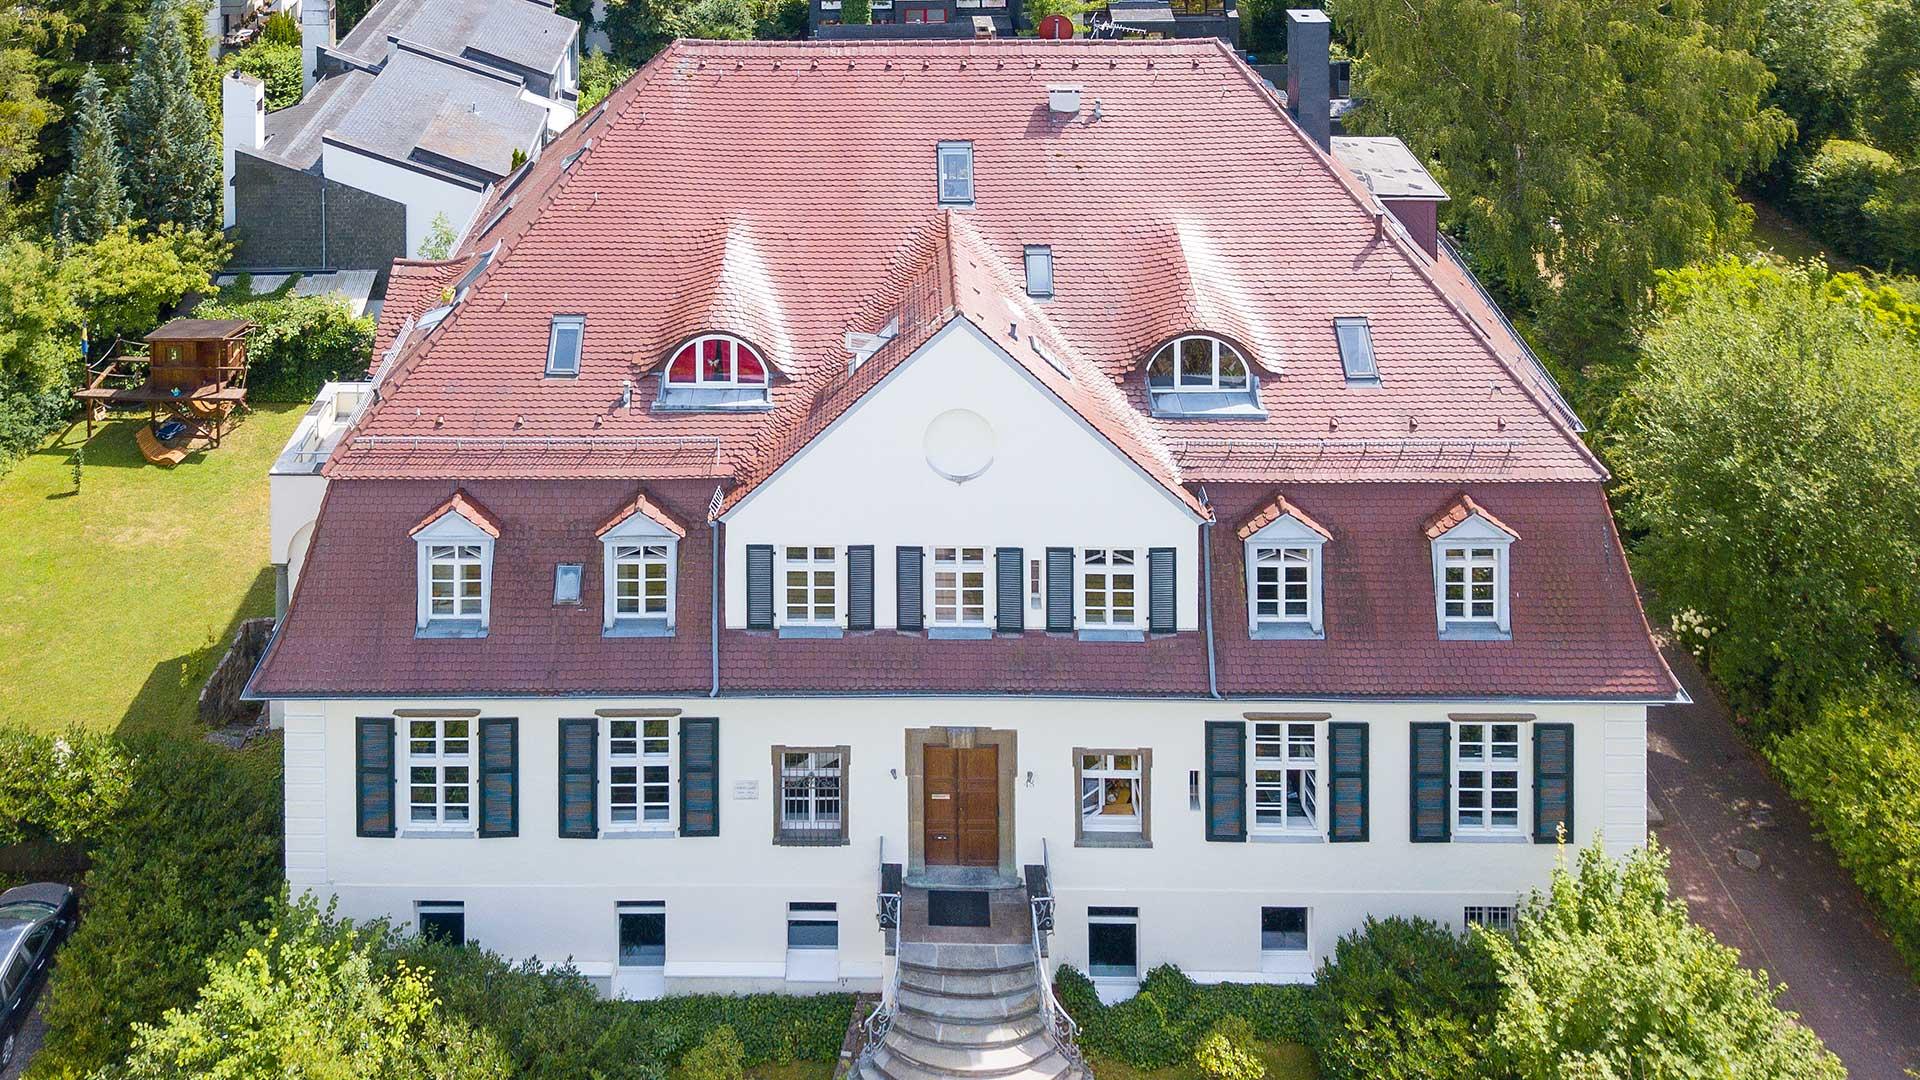 Architekturfotografie, Drohne: Villa | Foto: Dieter Eikenberg, imprints